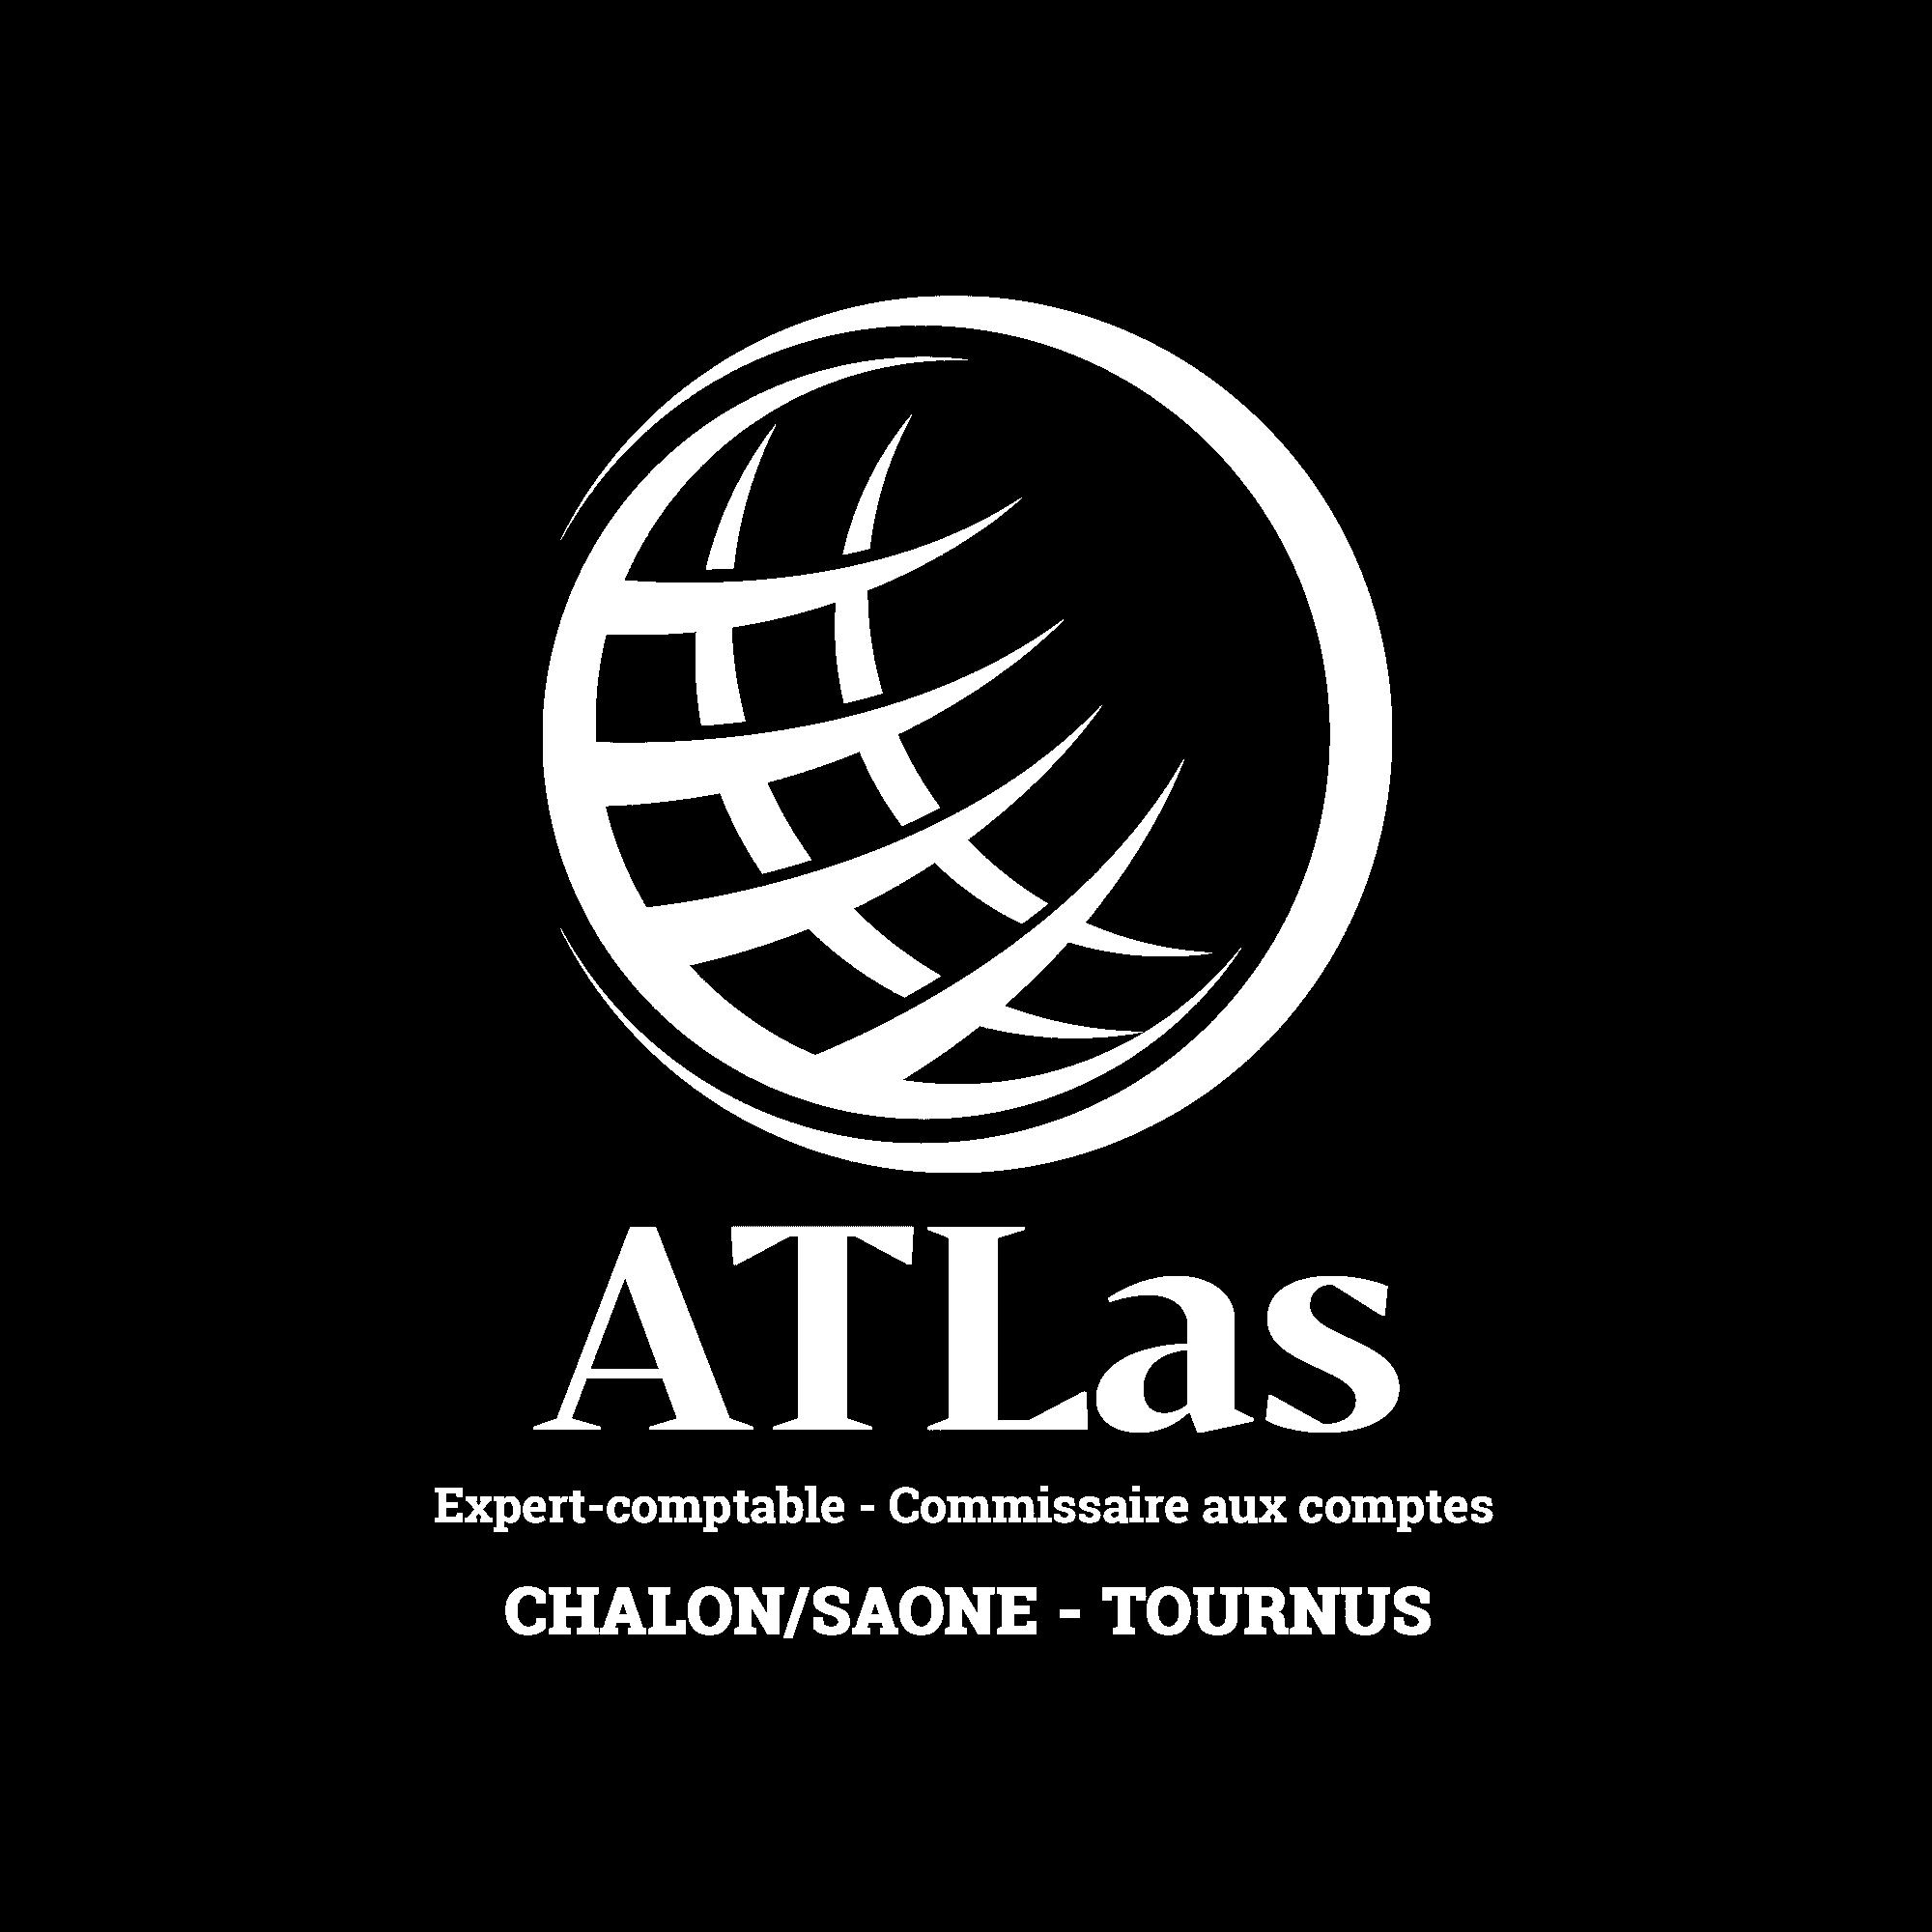 #logo_final_blanc